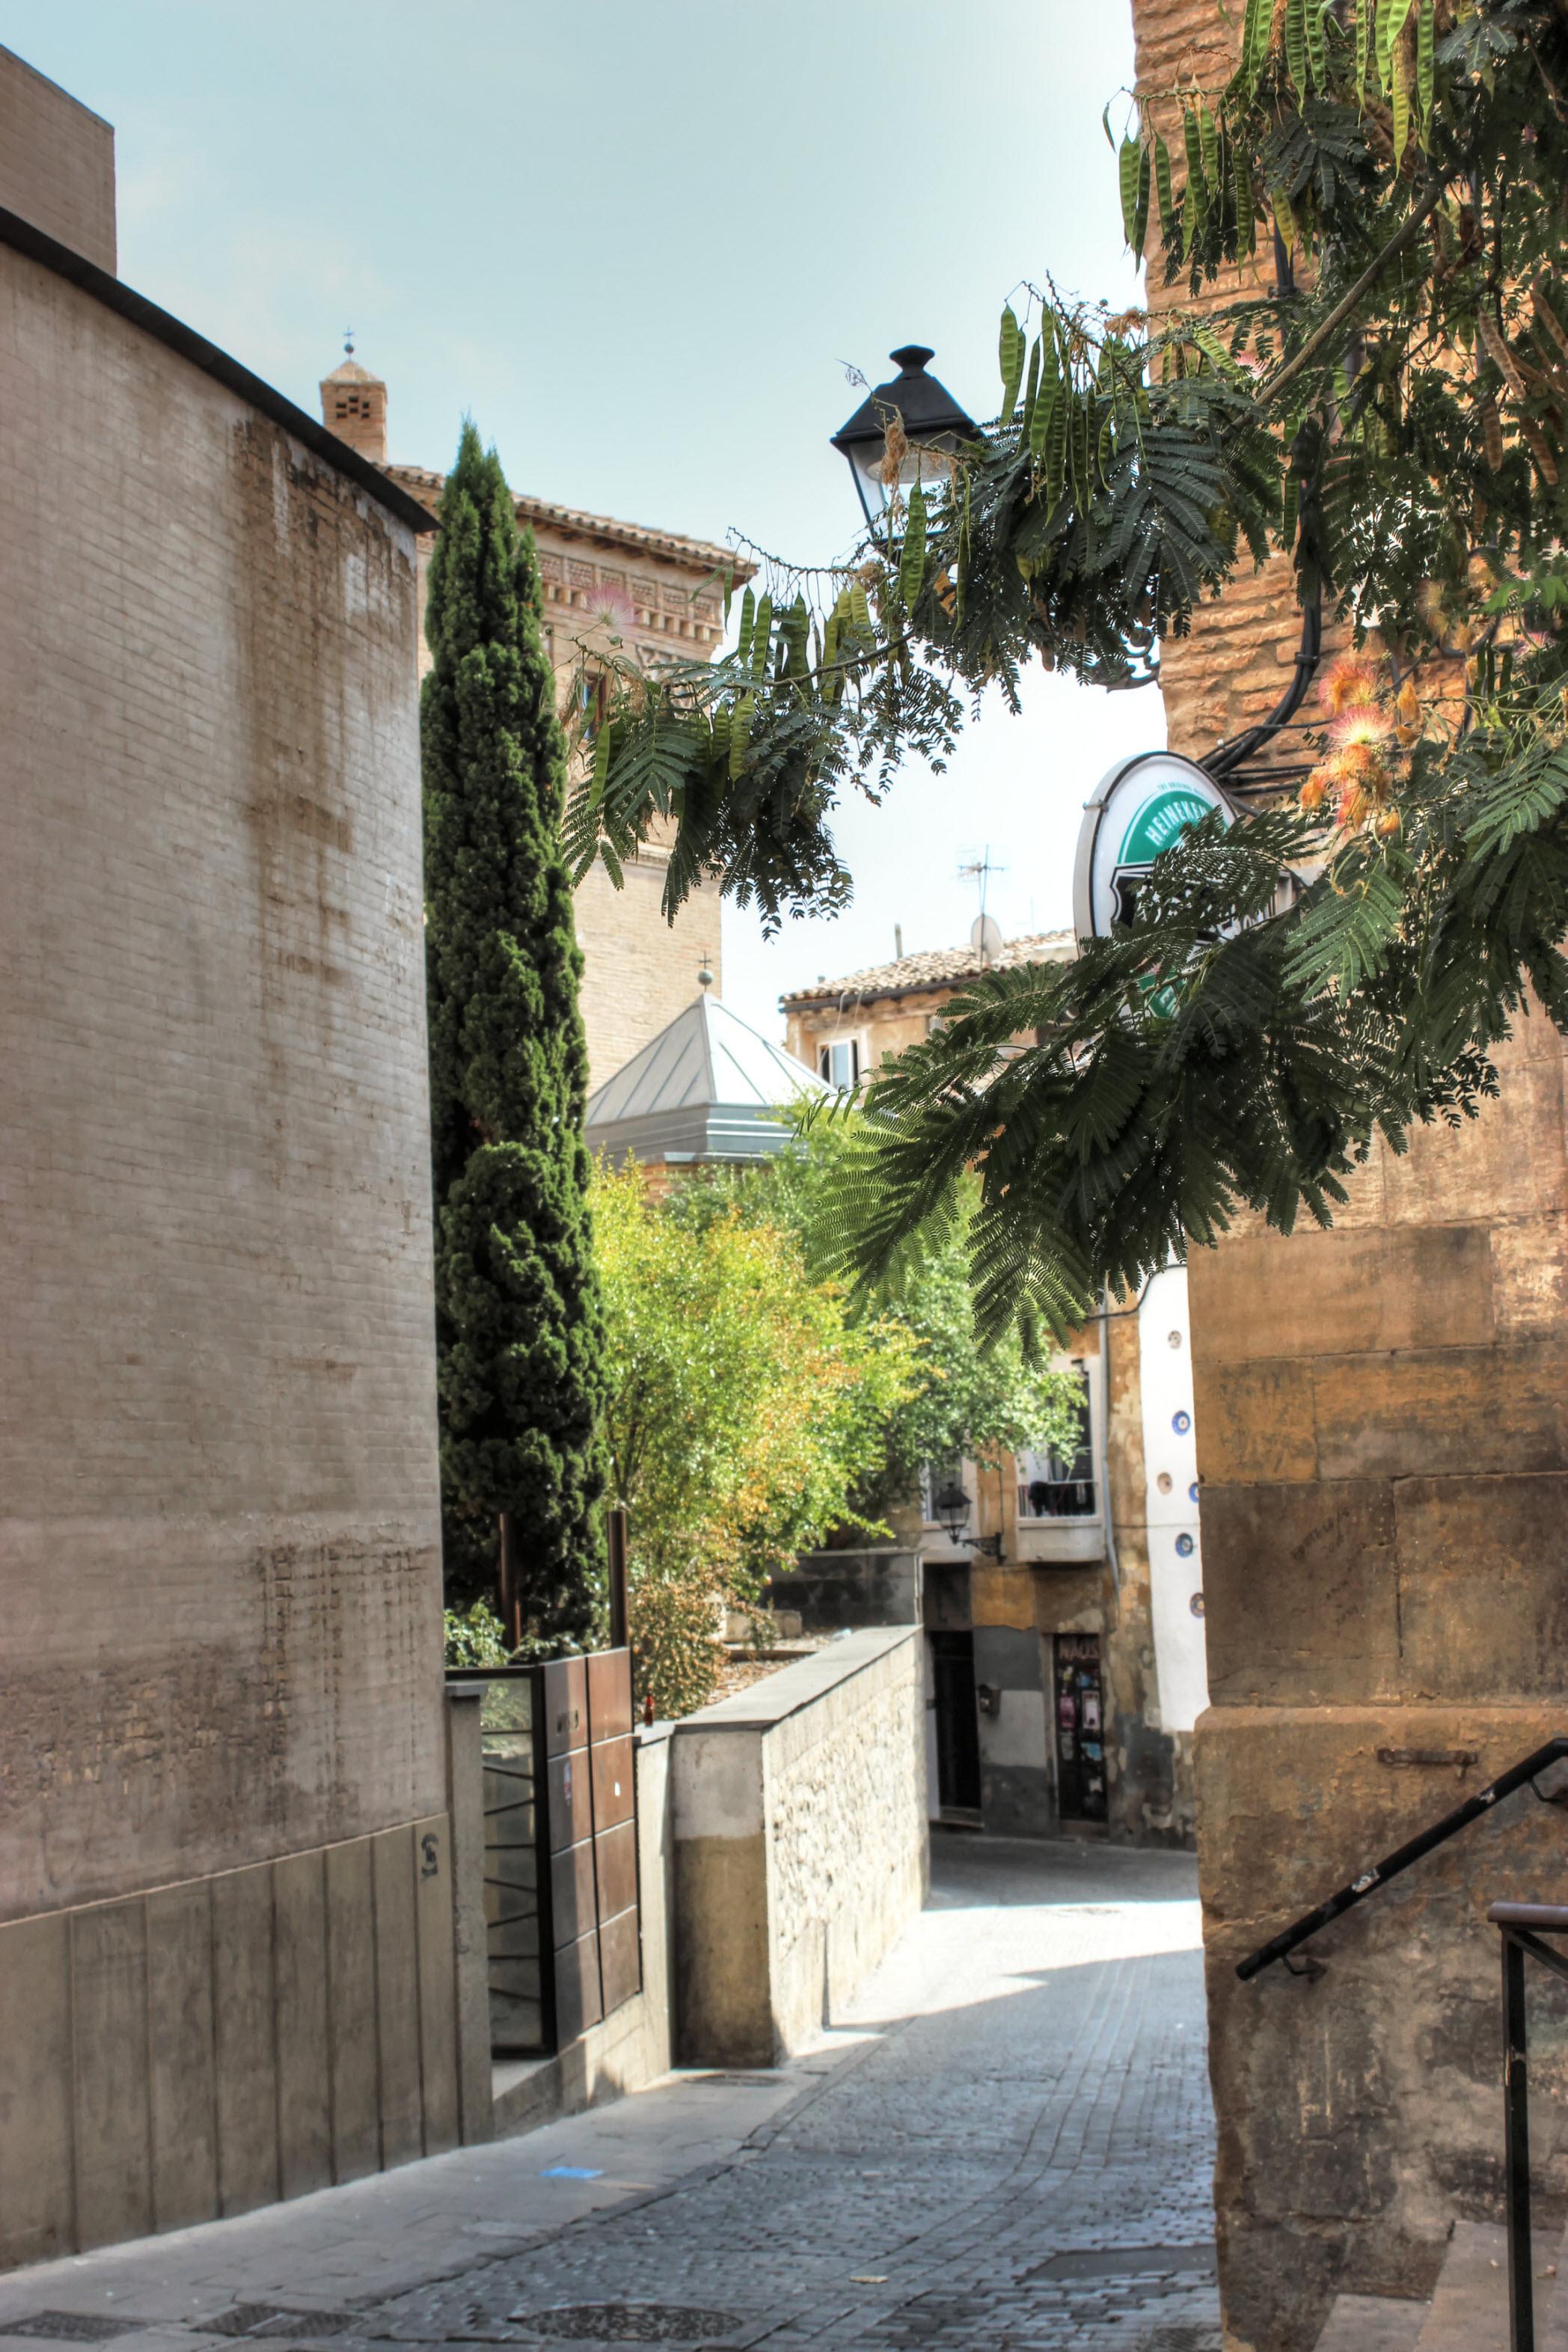 شوارع مدينة تطيلة